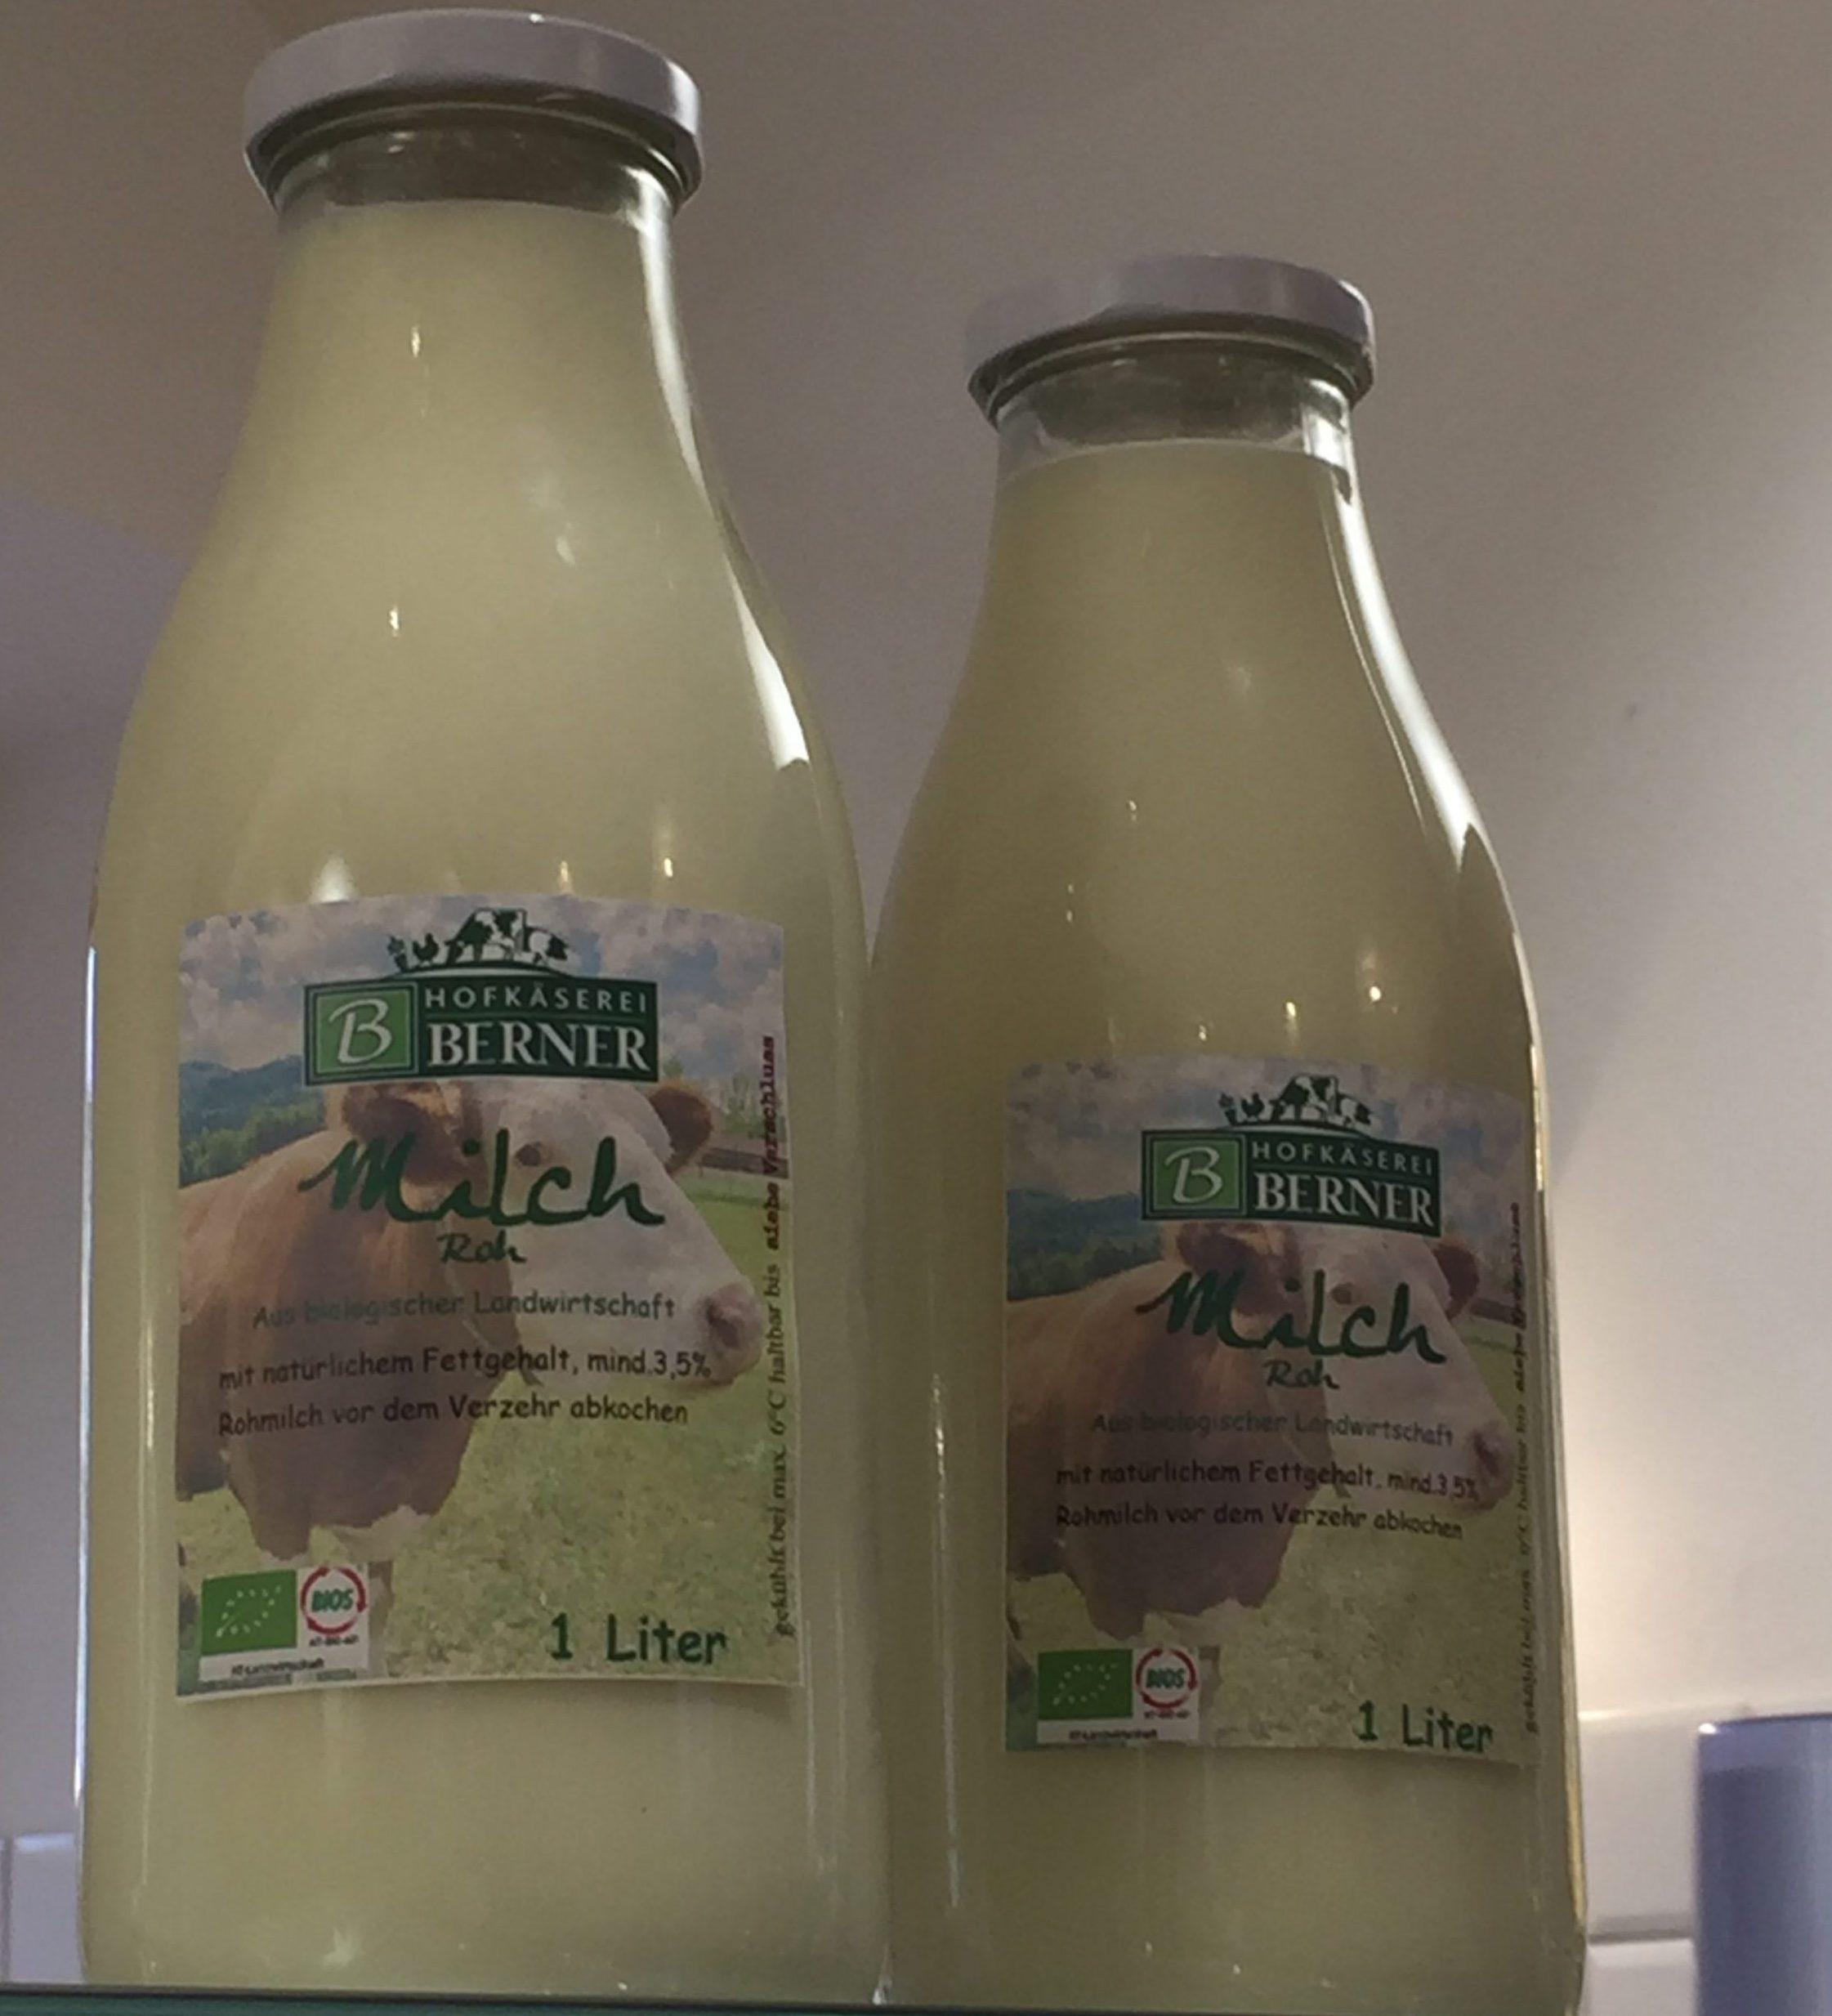 Milch von der Hofkäserei Berner